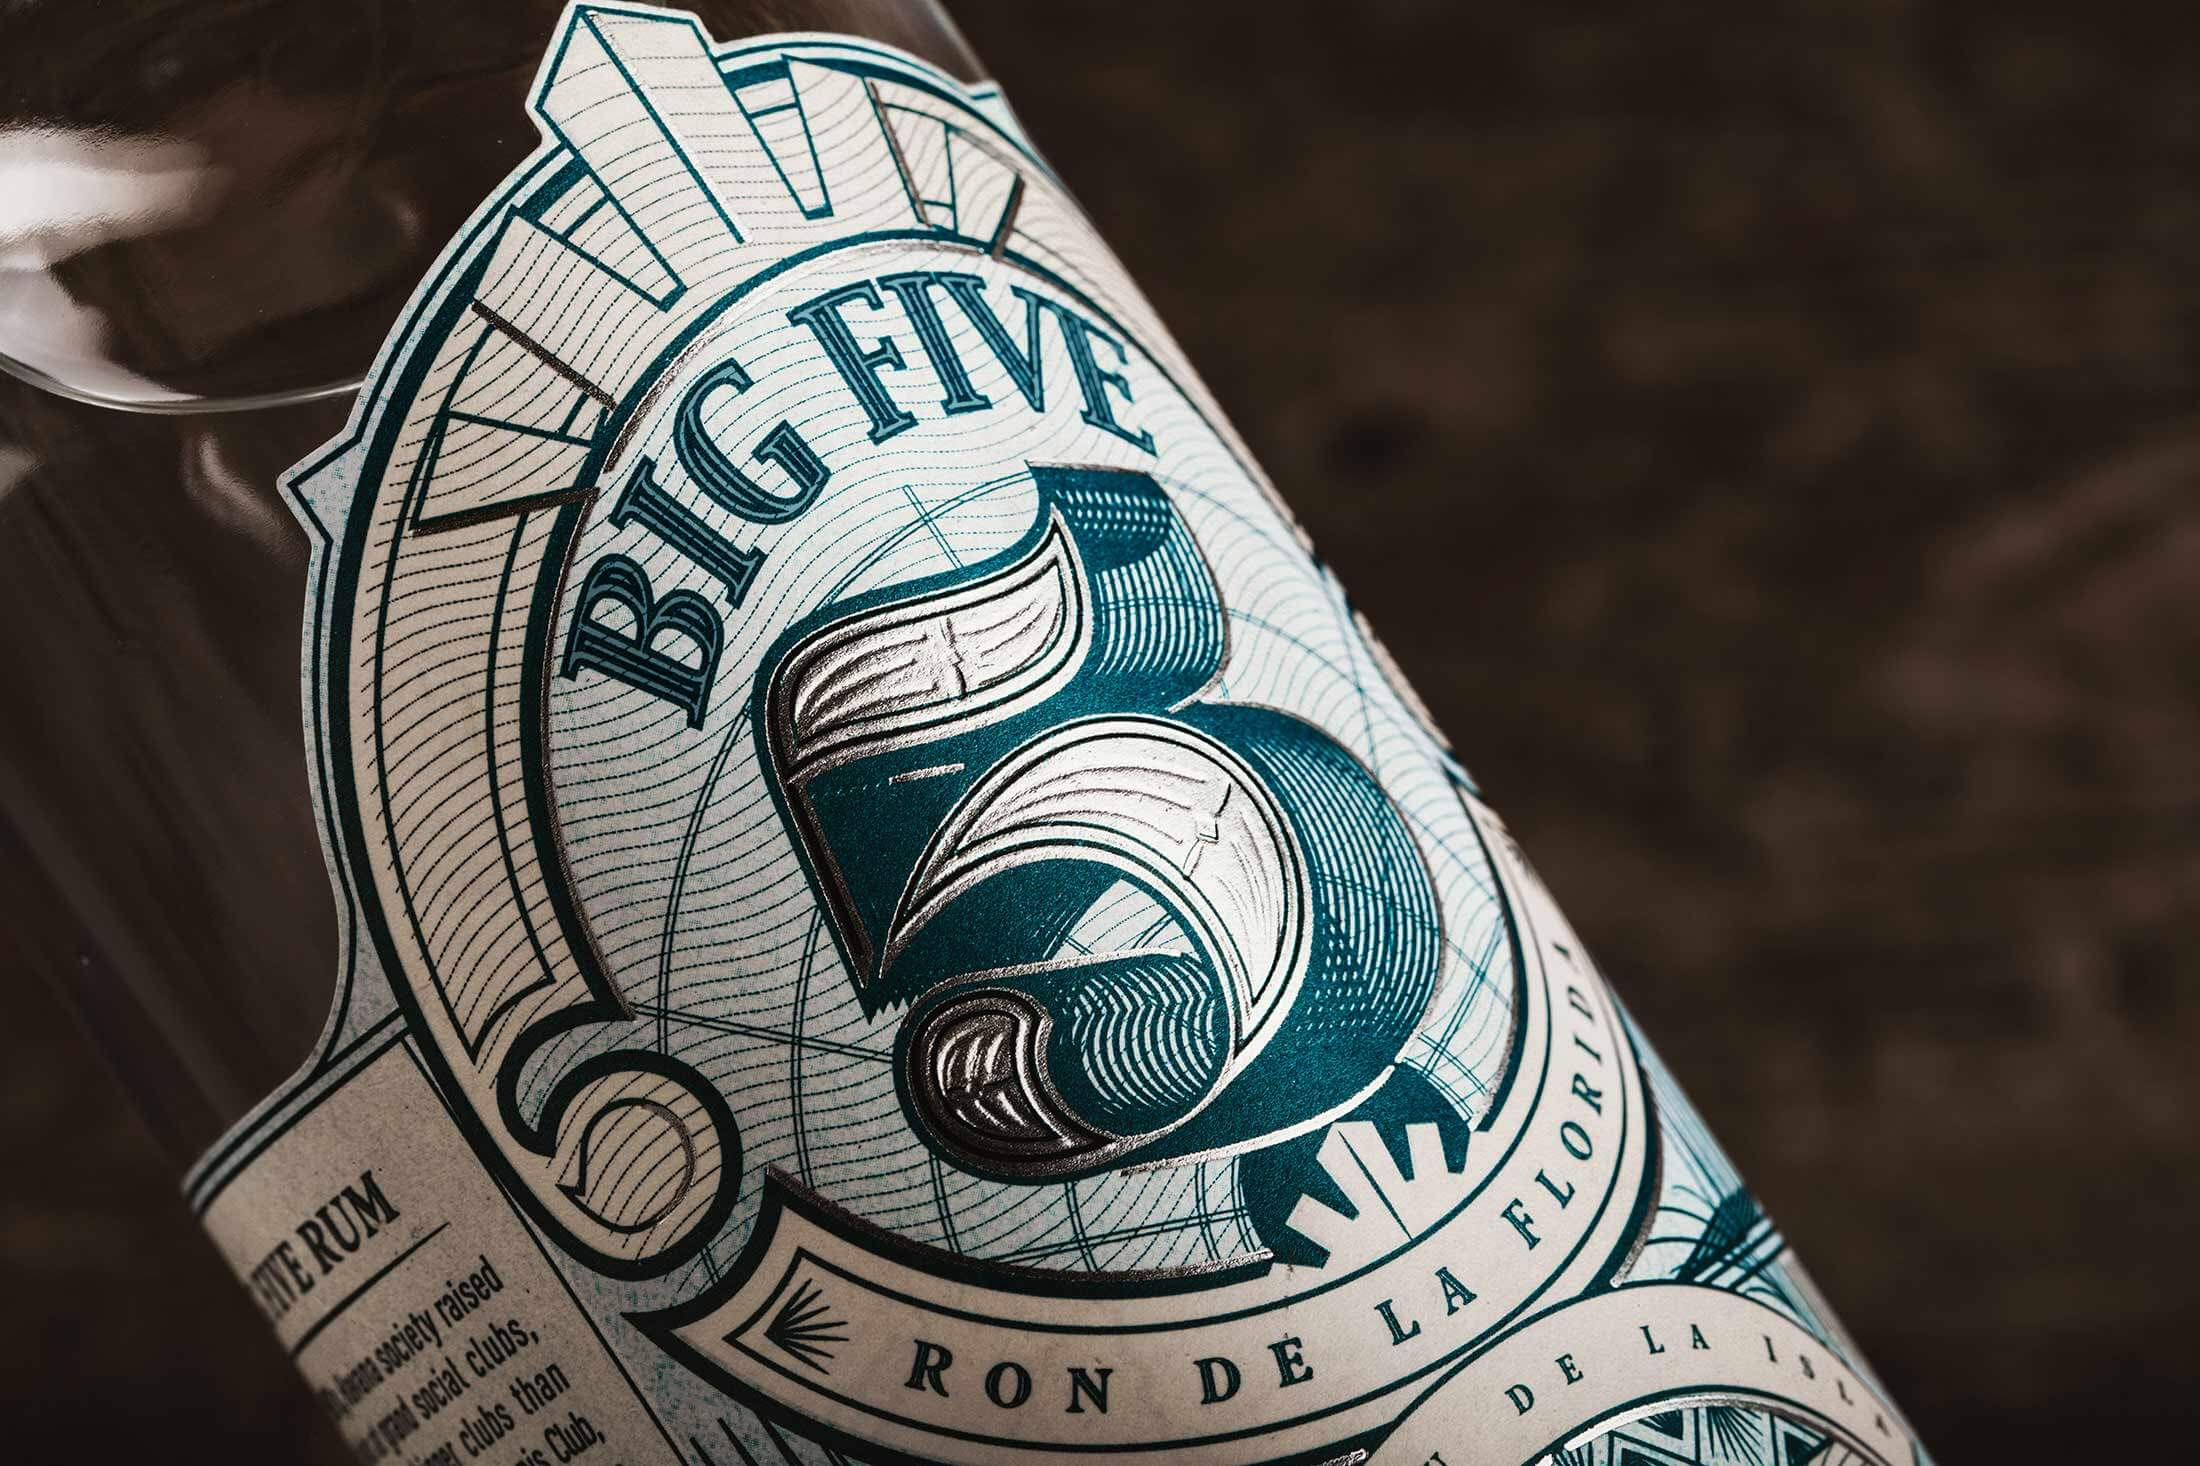 3_Big5_Rum